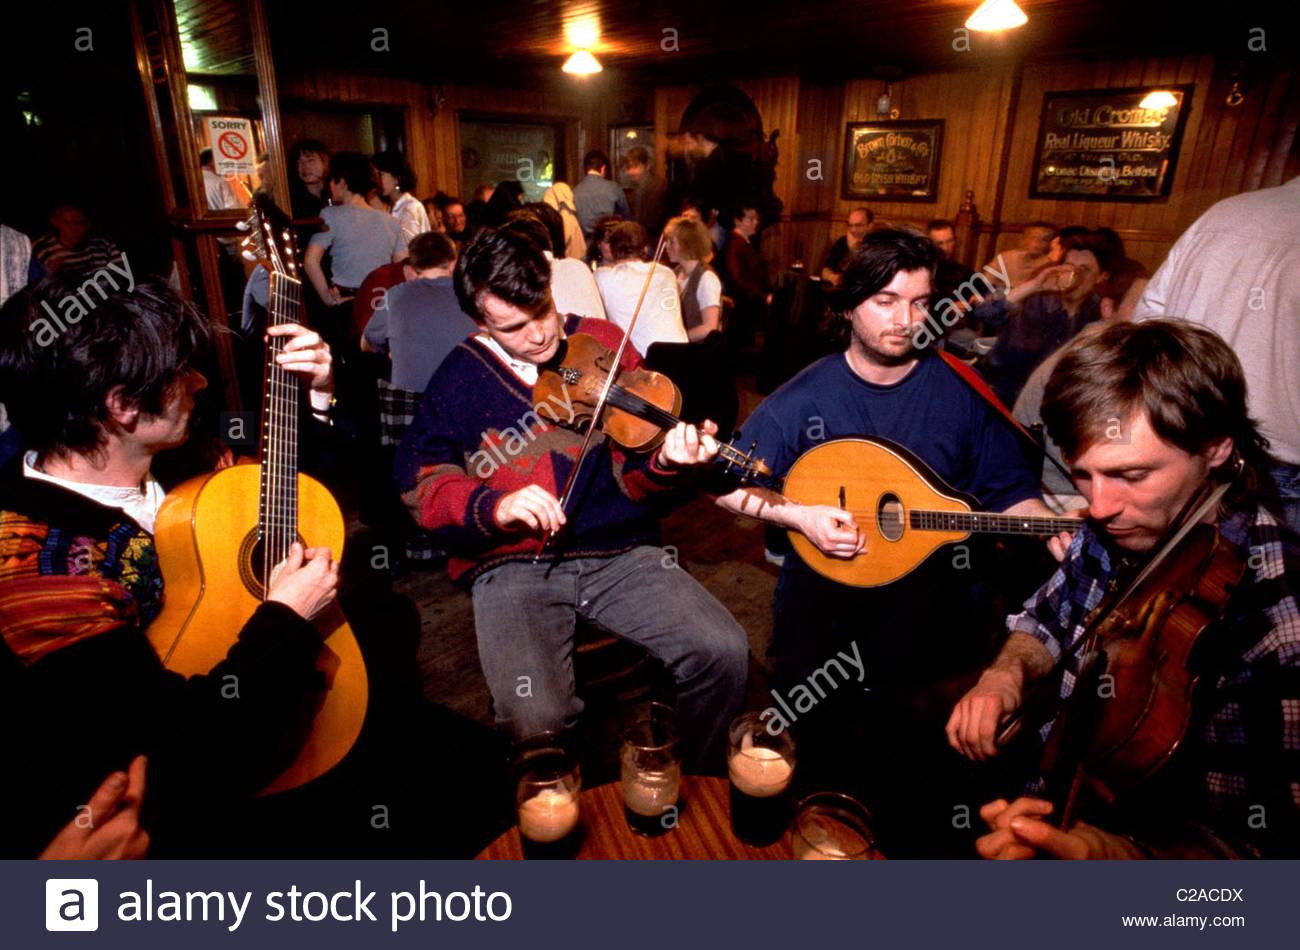 Session de musique traditionnelle irlandaise dans Madden's Bar, à Belfast. Photo Stock